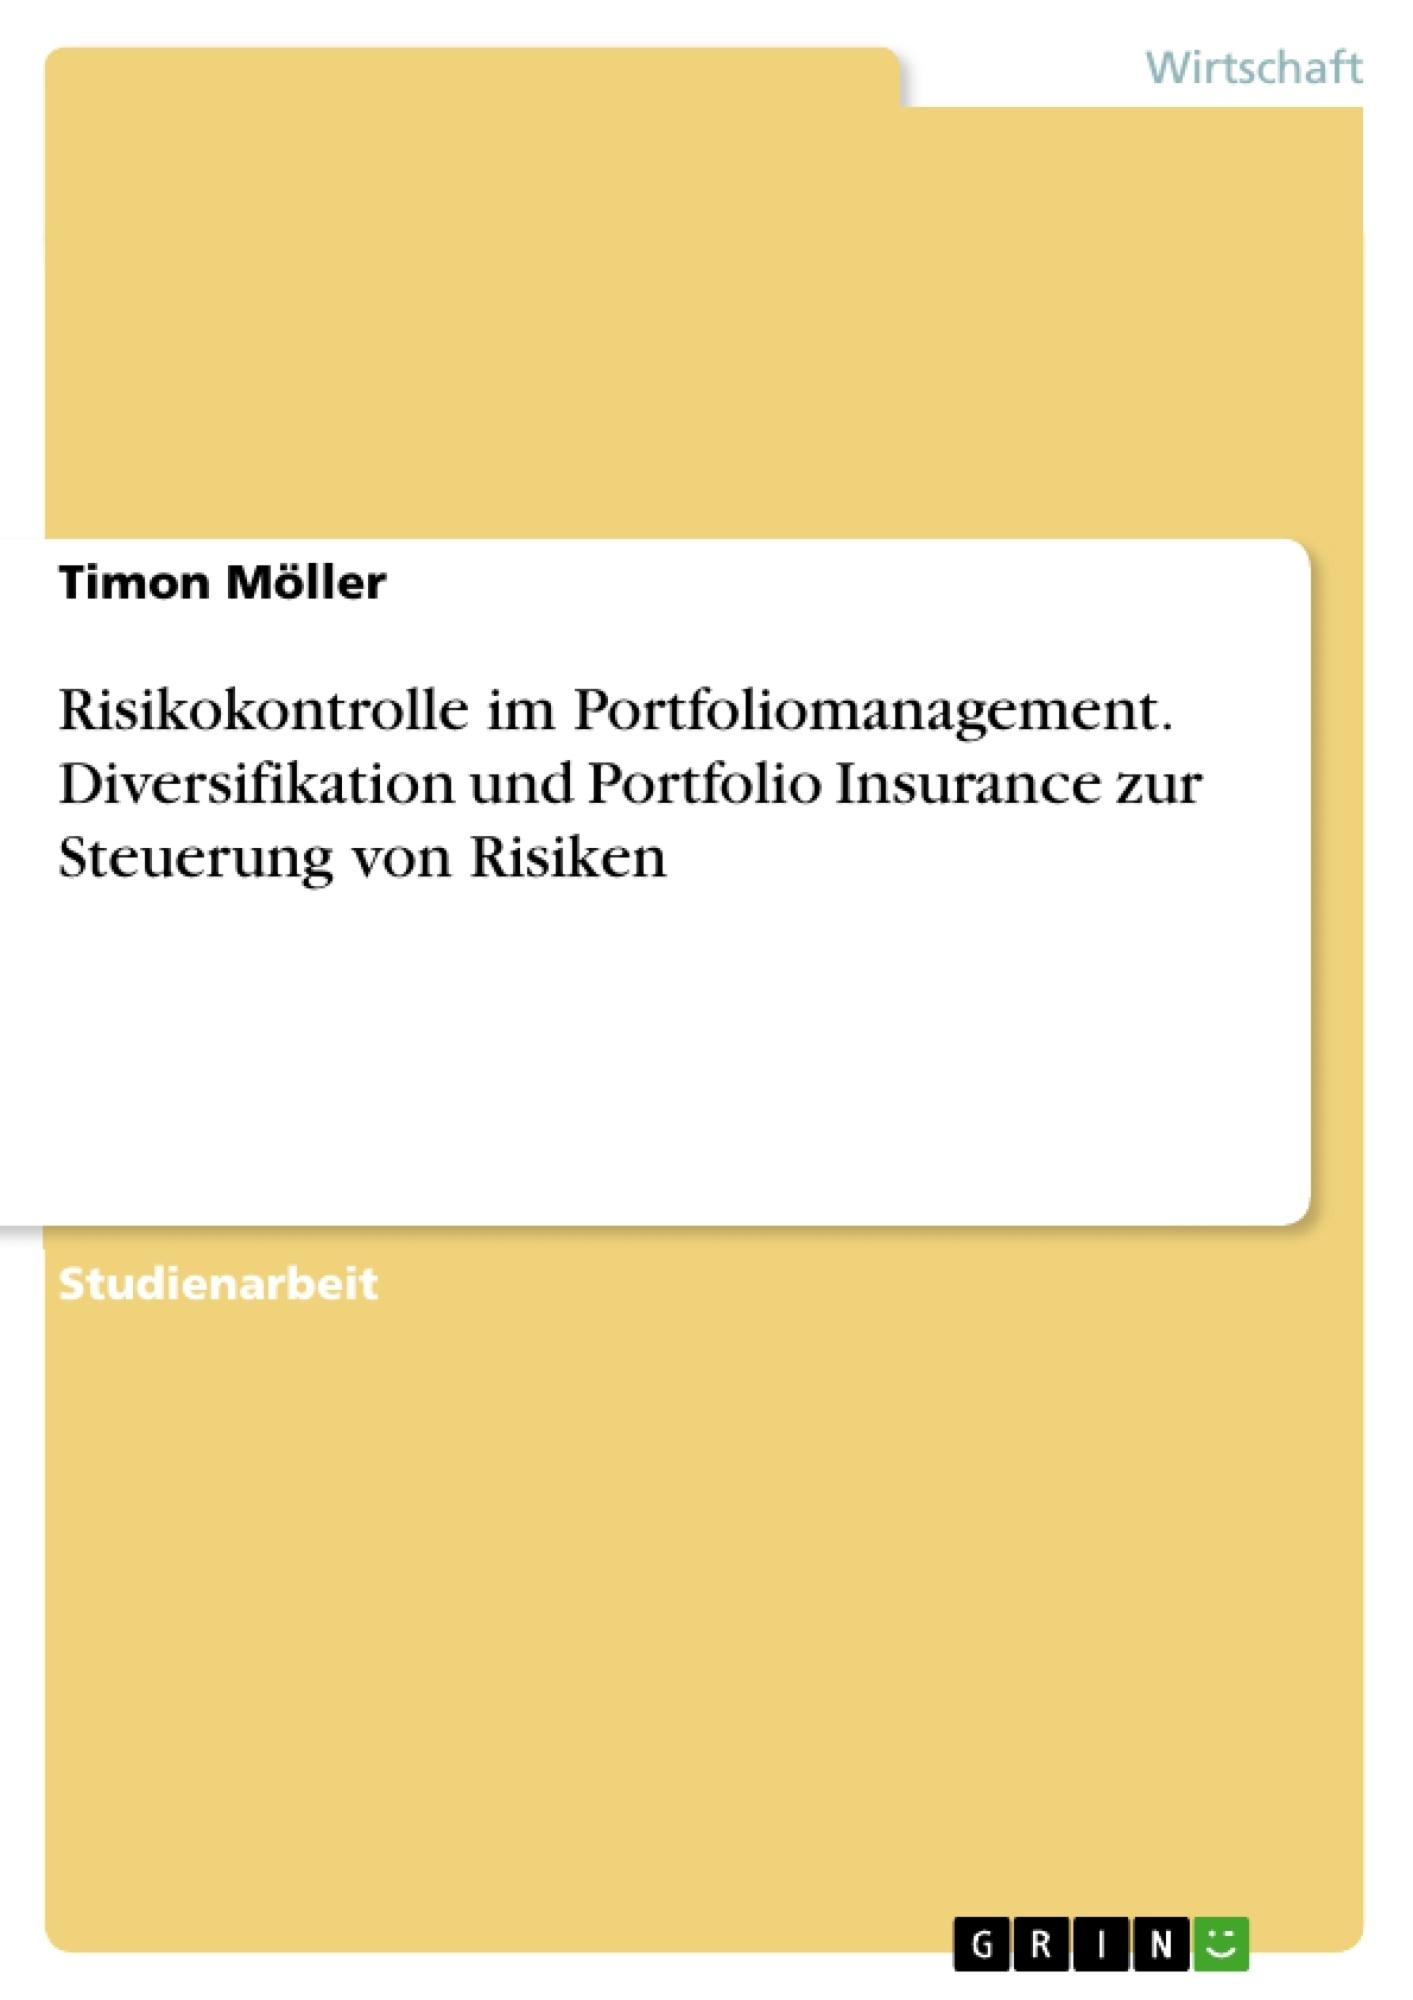 Titel: Risikokontrolle im Portfoliomanagement. Diversifikation und Portfolio Insurance zur Steuerung von Risiken